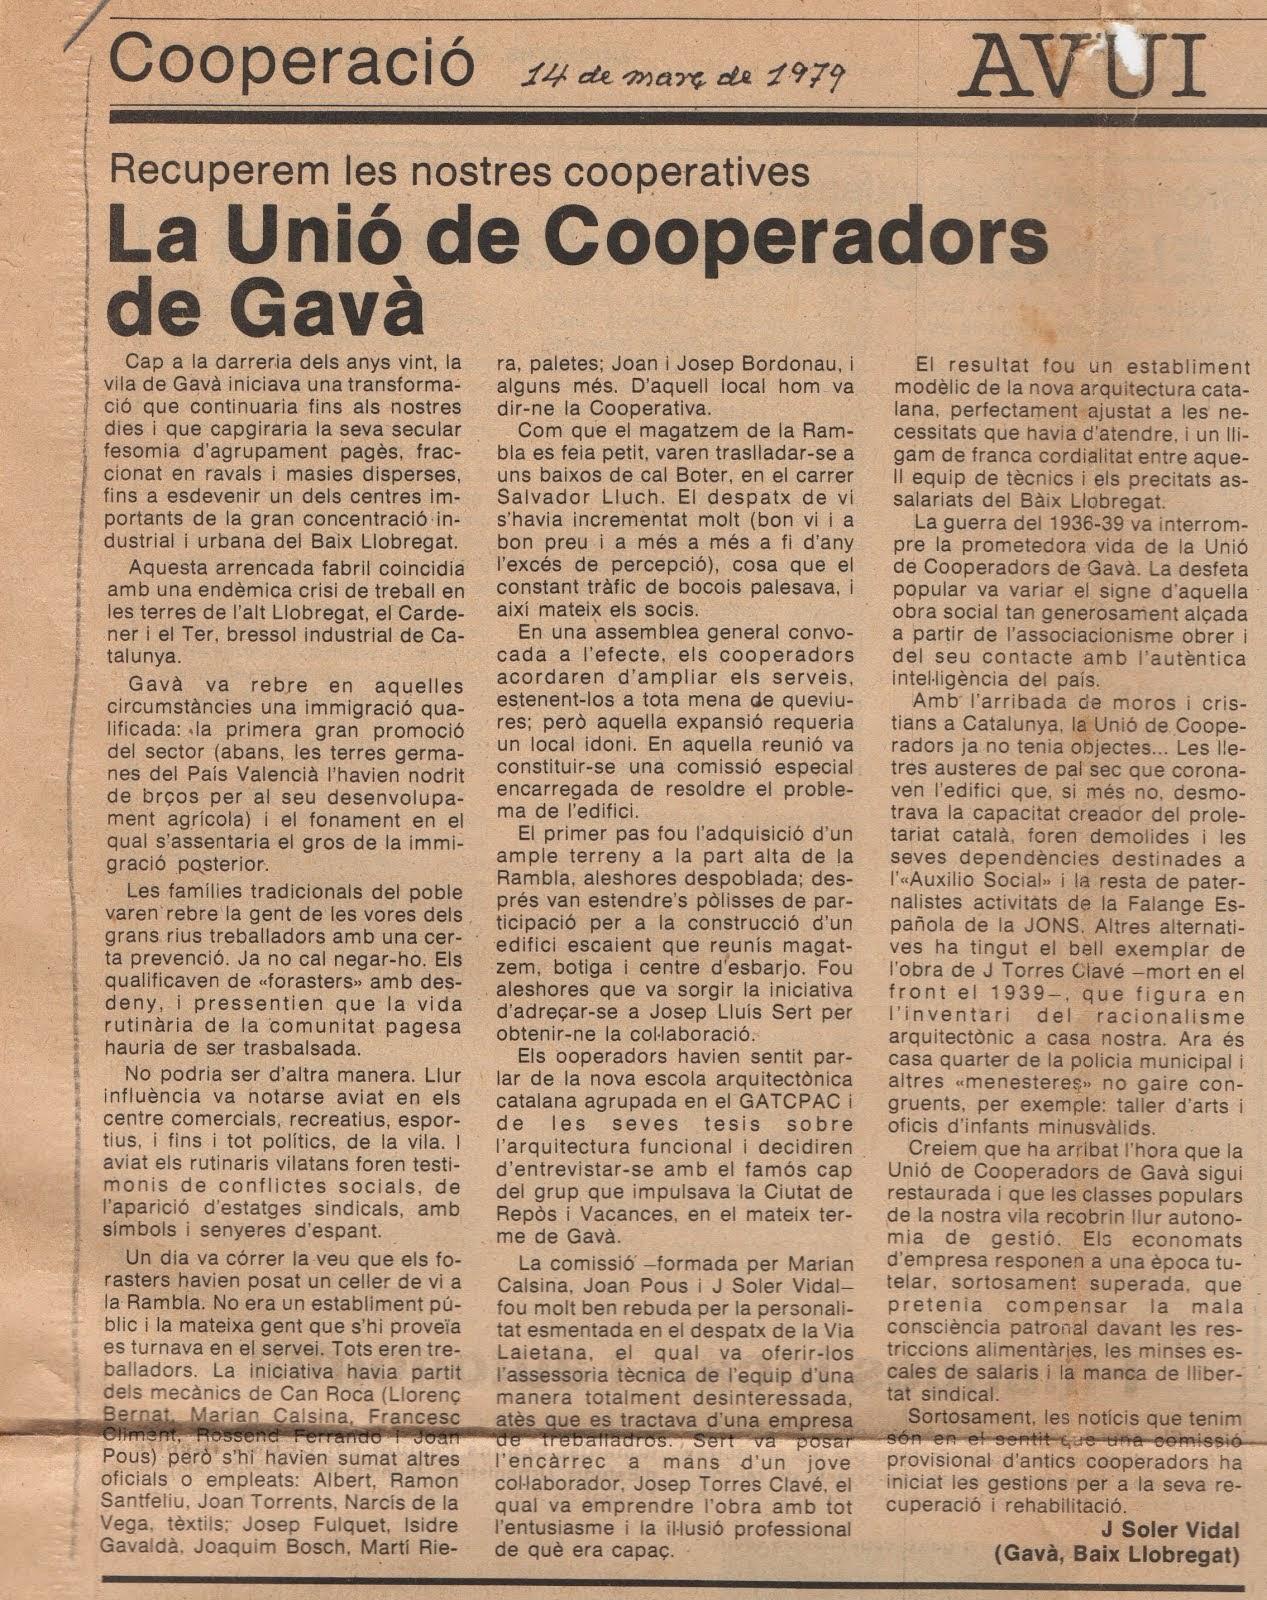 Article inici de la campanya per la recuperació de la Unió de Cooperadors